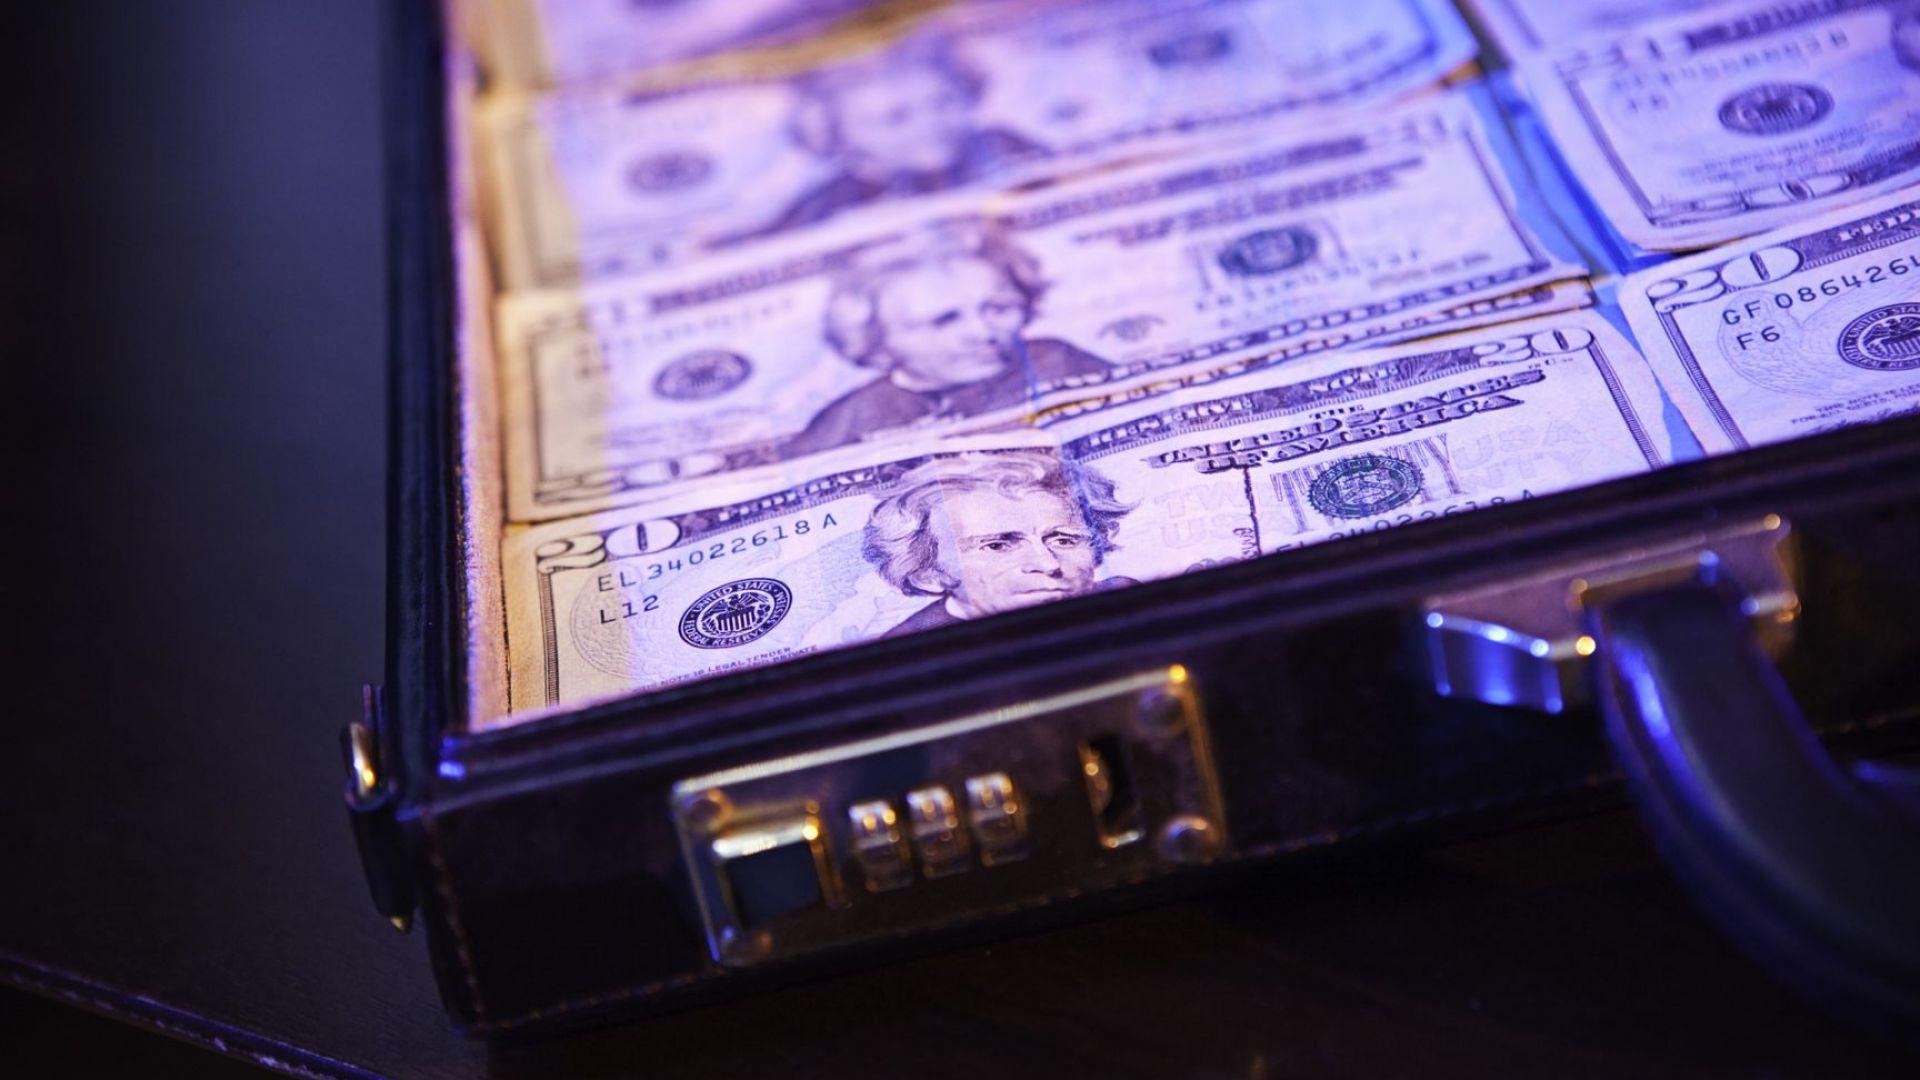 ГЕРБ предлага и търговците на едро да не докладват на ДАНС при съмнения за пране на пари